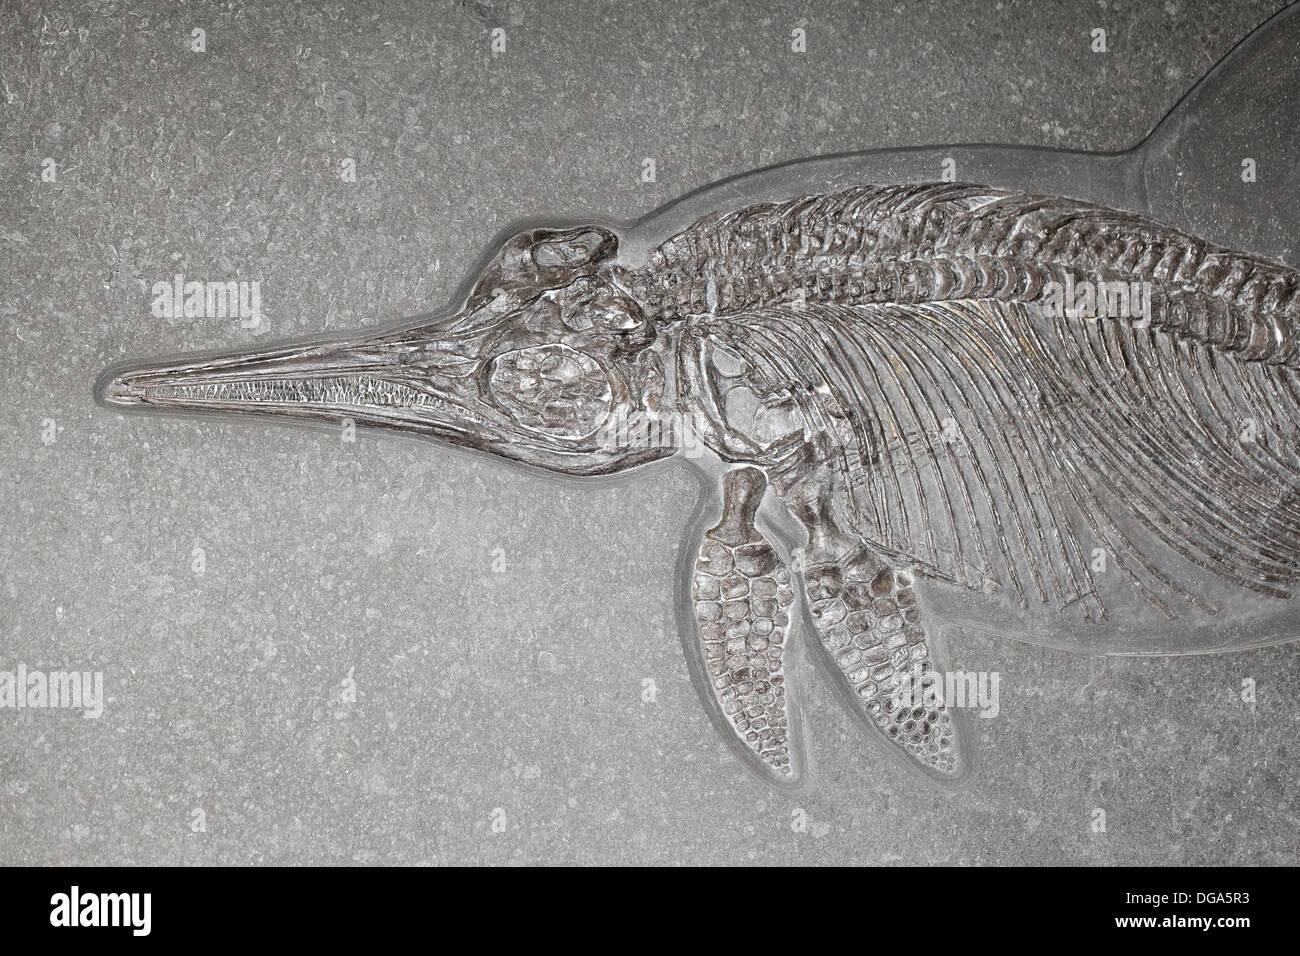 Ichthyosaur - Stock Image